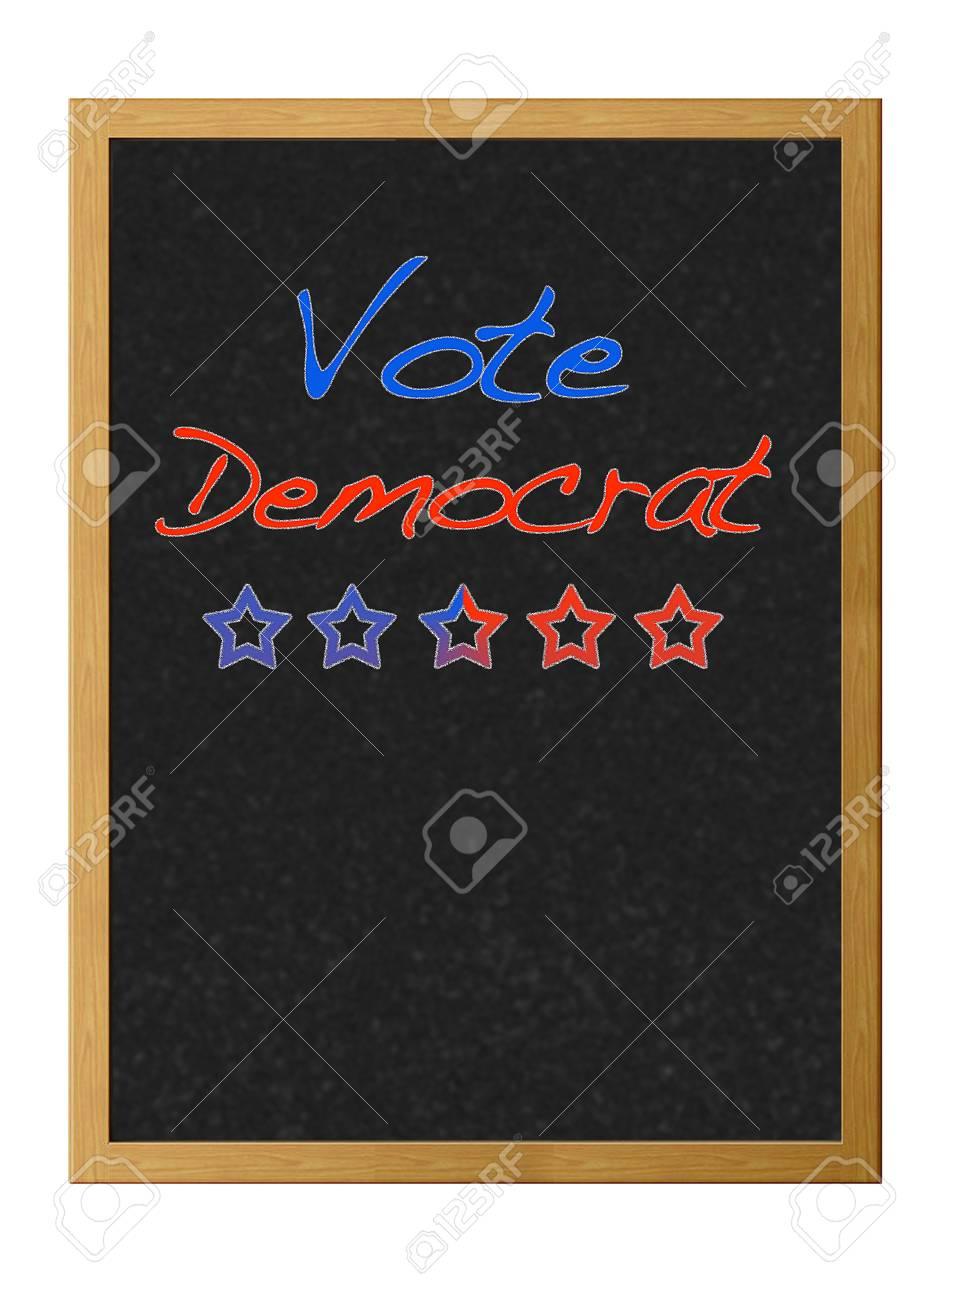 Vote democrat. Stock Photo - 12214873